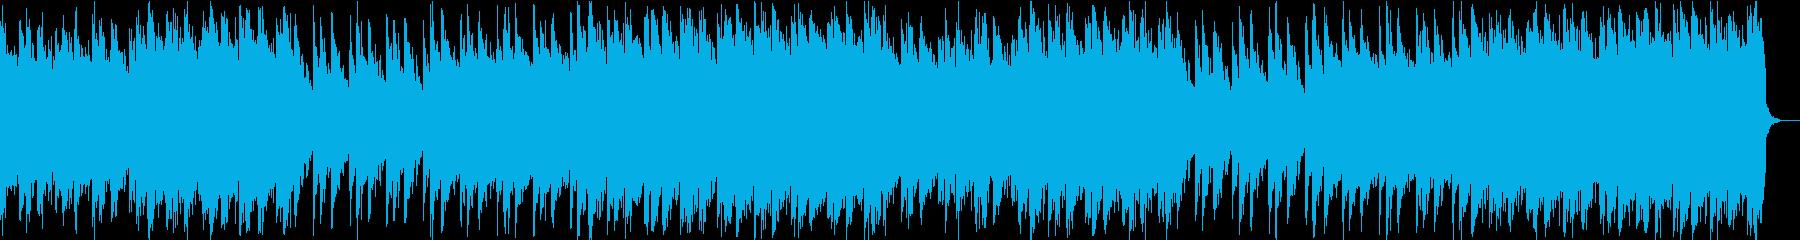 森の奥・神社・神秘・三味線が印象的な和風の再生済みの波形